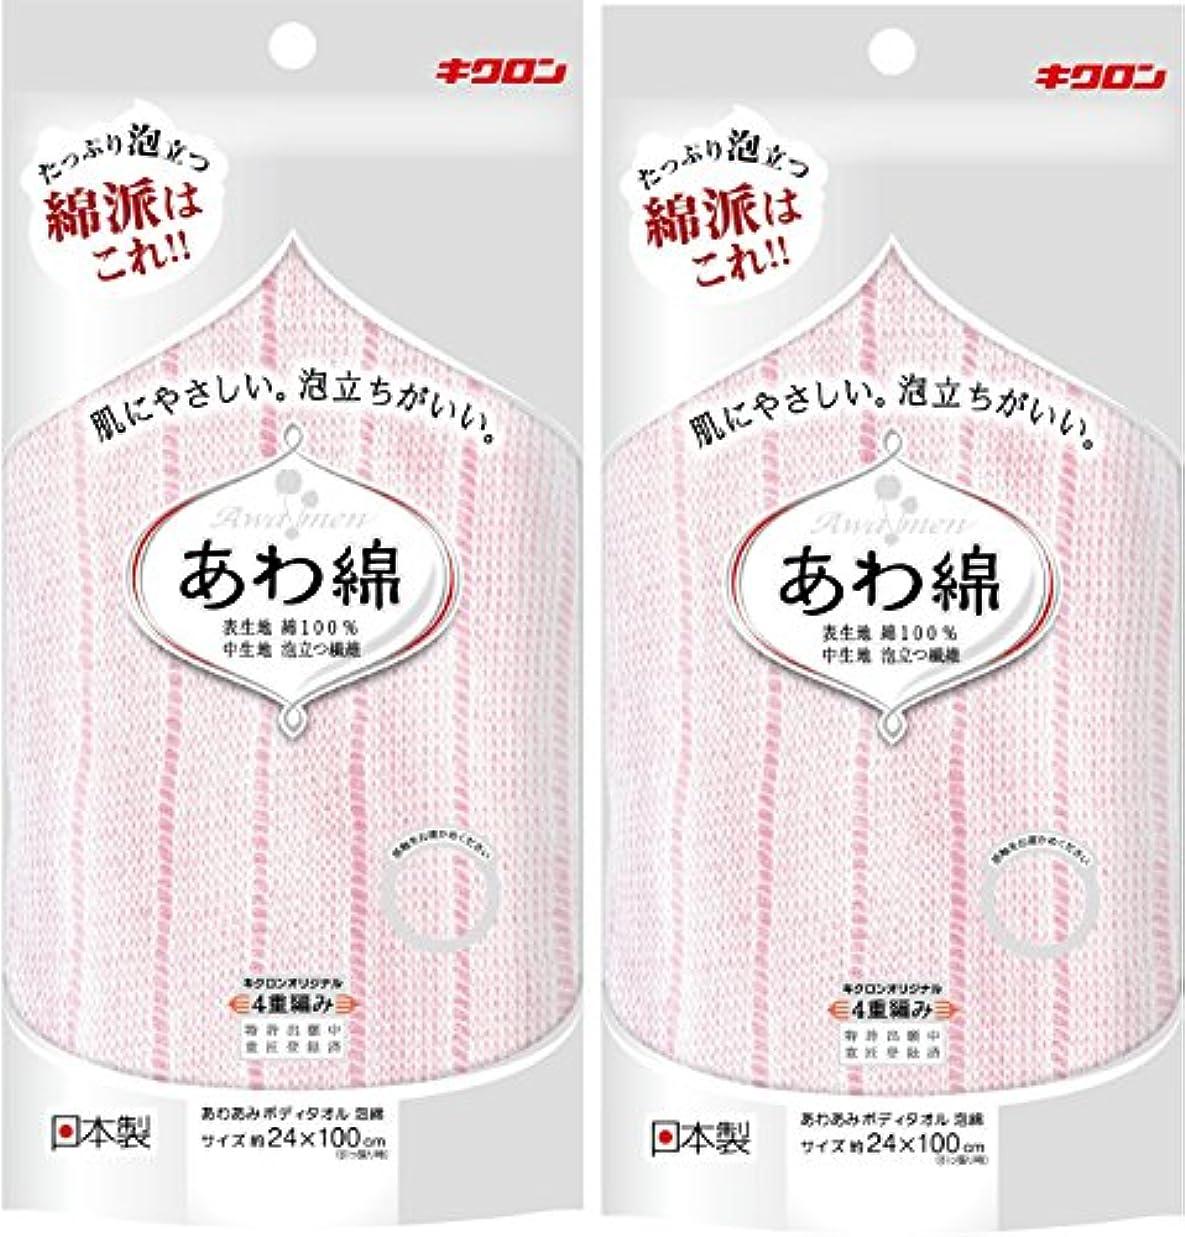 髄によって導体キクロン お風呂グッズ 綿でもしっかり泡立つ あわあみ ボディタオル 泡綿 もも 2個入